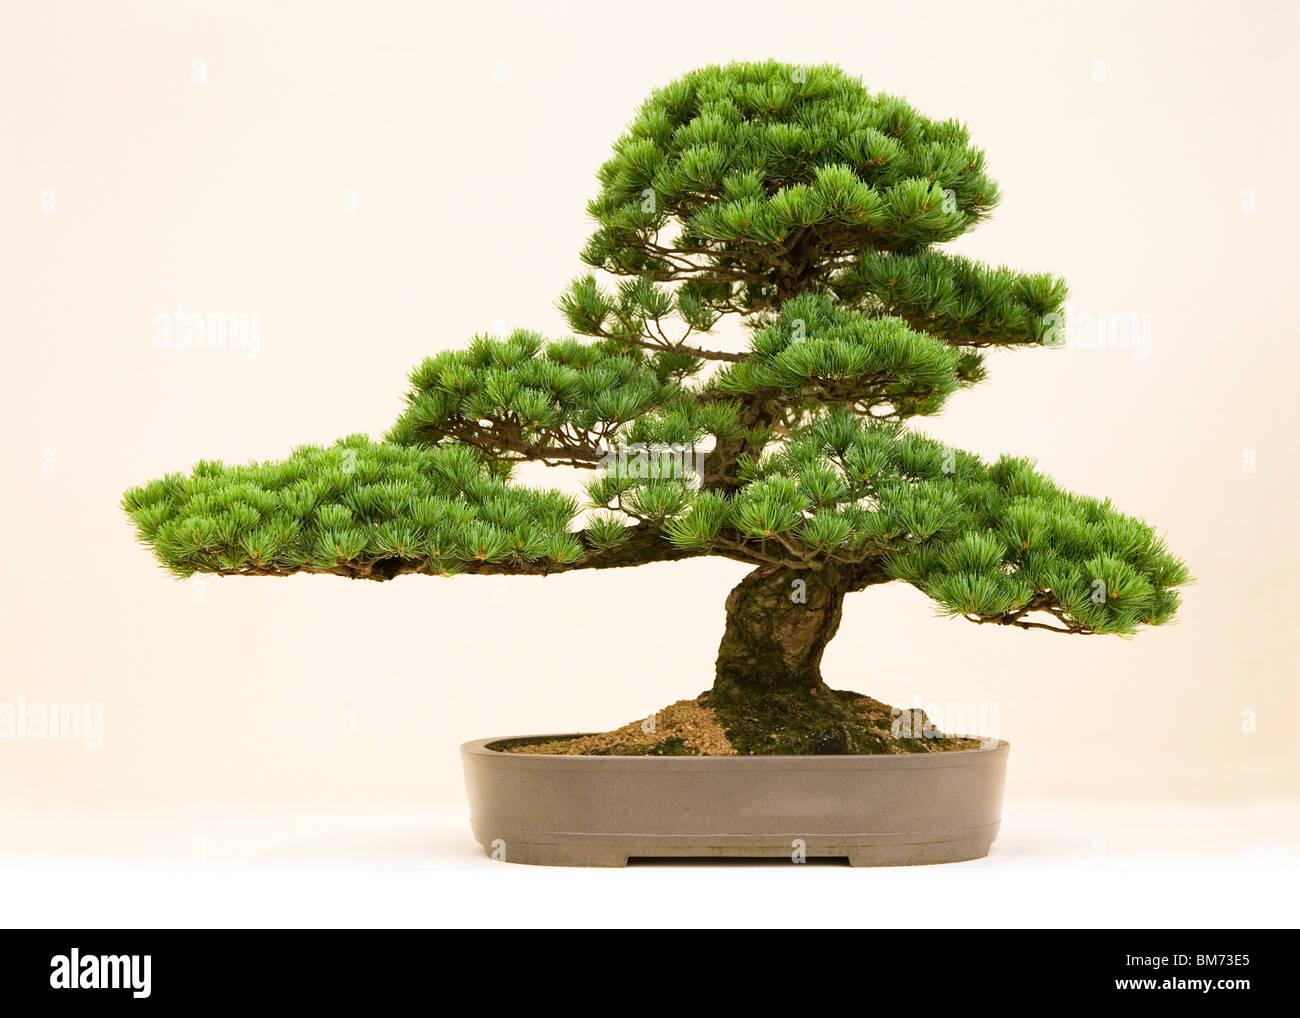 Bonsai en la pantalla contra blancos en olla de barro con forma interesante en el estudio, hojas verdes, afición Imagen De Stock